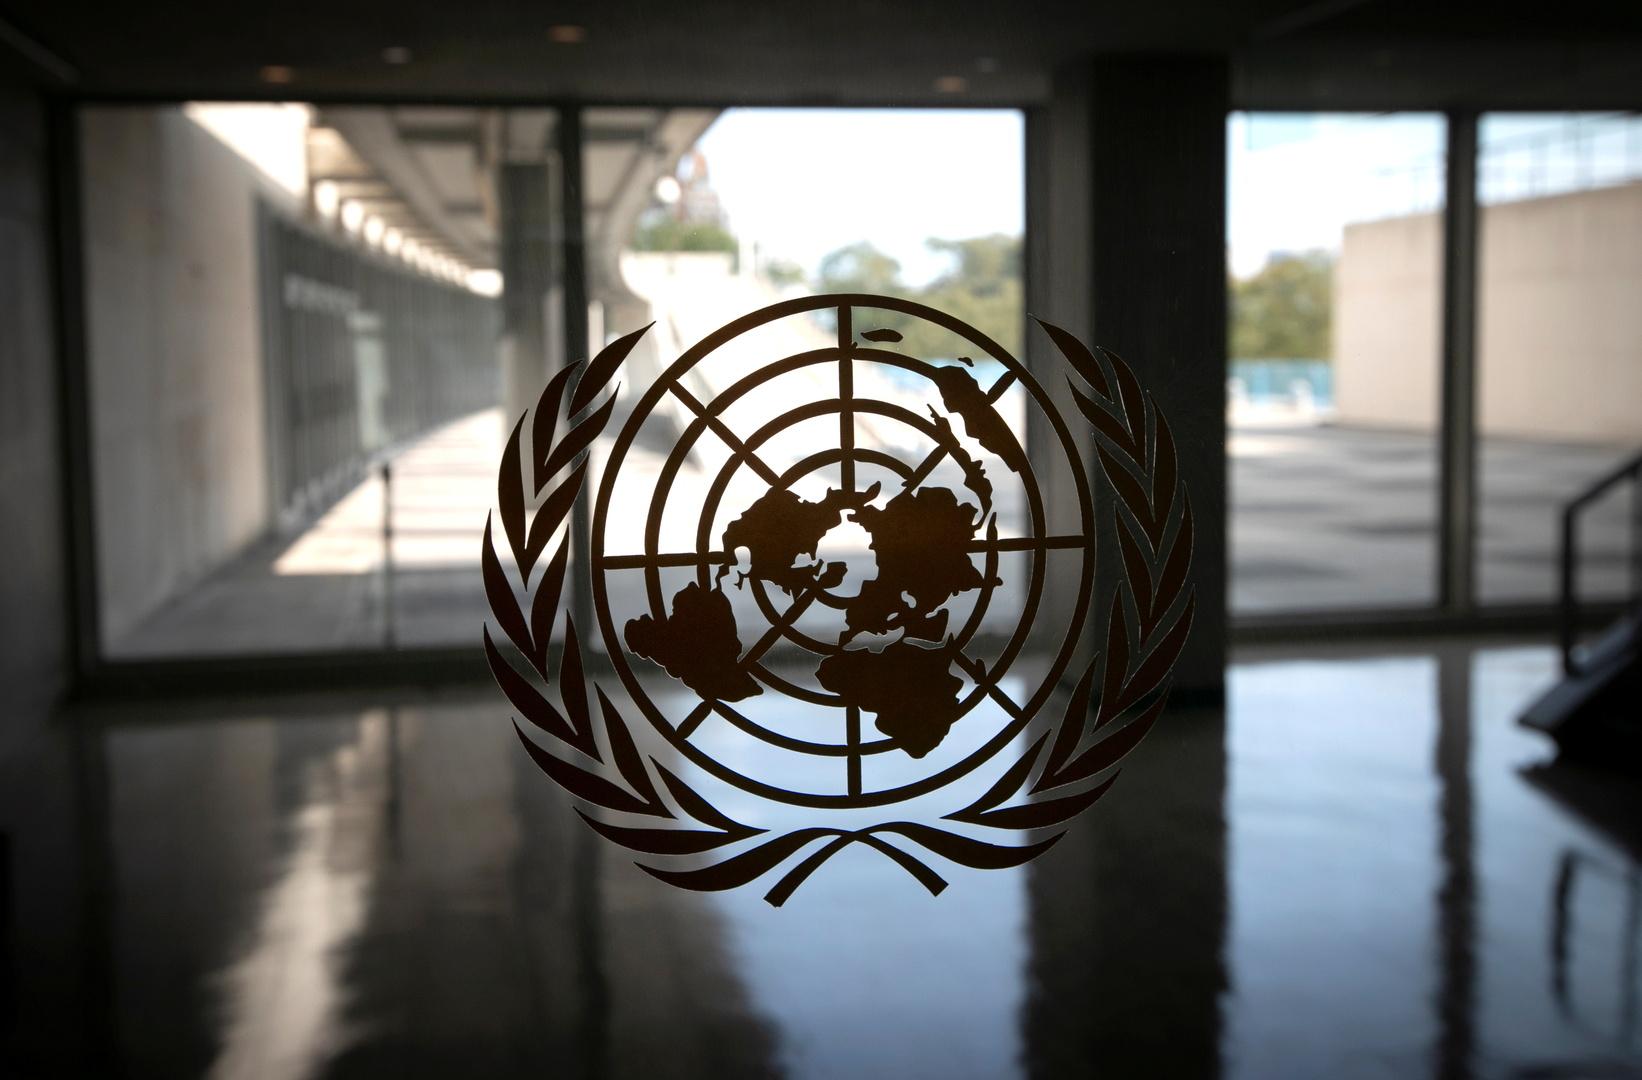 وزير لبناني يرفض المشاركة في مؤتمر للأمم المتحدة تديره السفيرة الإسرائيلية